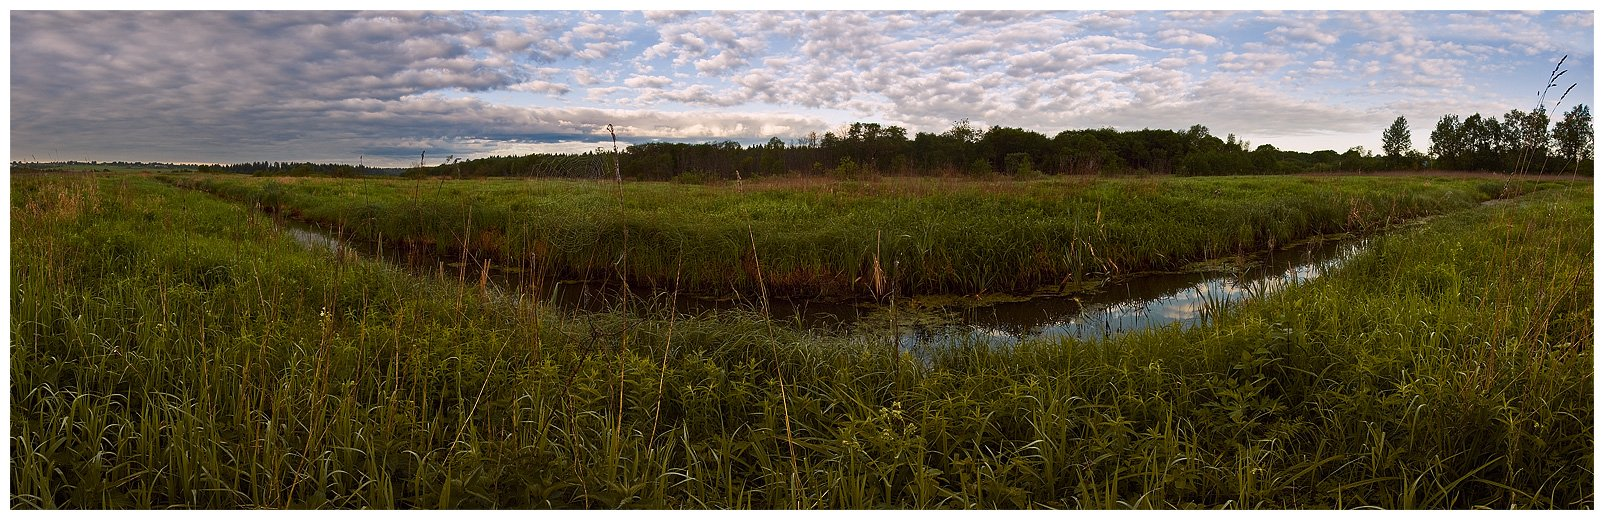 природа, пейзаж, утро, небо, трава, лес, реку, Oleg Dmitriev